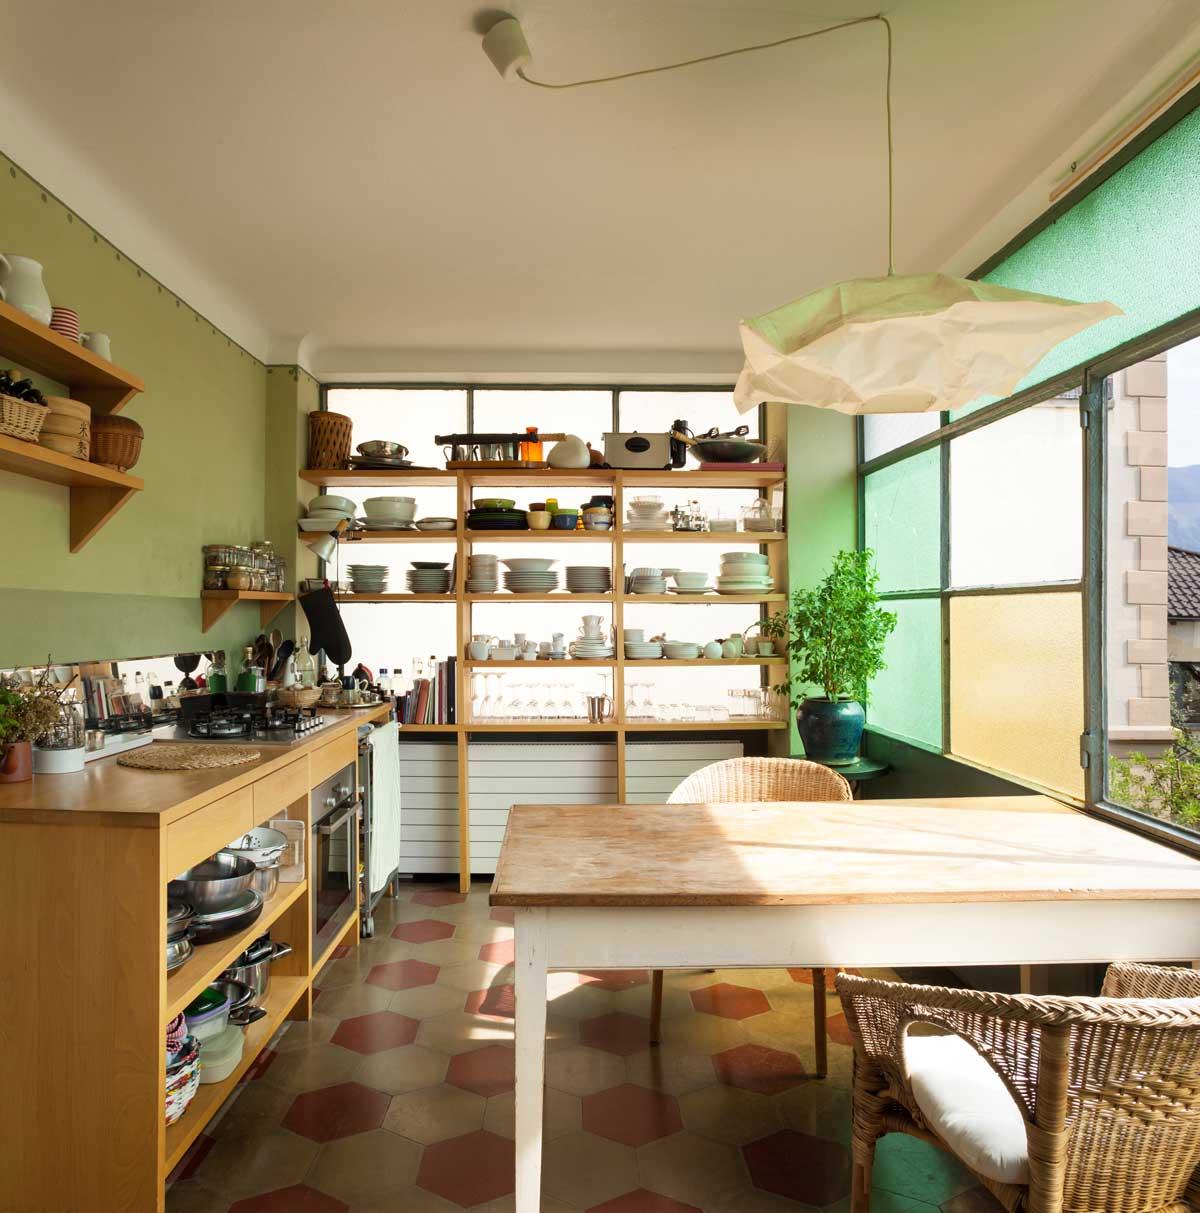 מטבחים מעץ מוכרי ציוד למטבחים מאובזרים מומחים עם מקצועיות ומיומנות ועם הרבה מוטיבציה ומומחים להקמת אי במטבח מכל חומר תוך כדי תחזוקת מטבחים